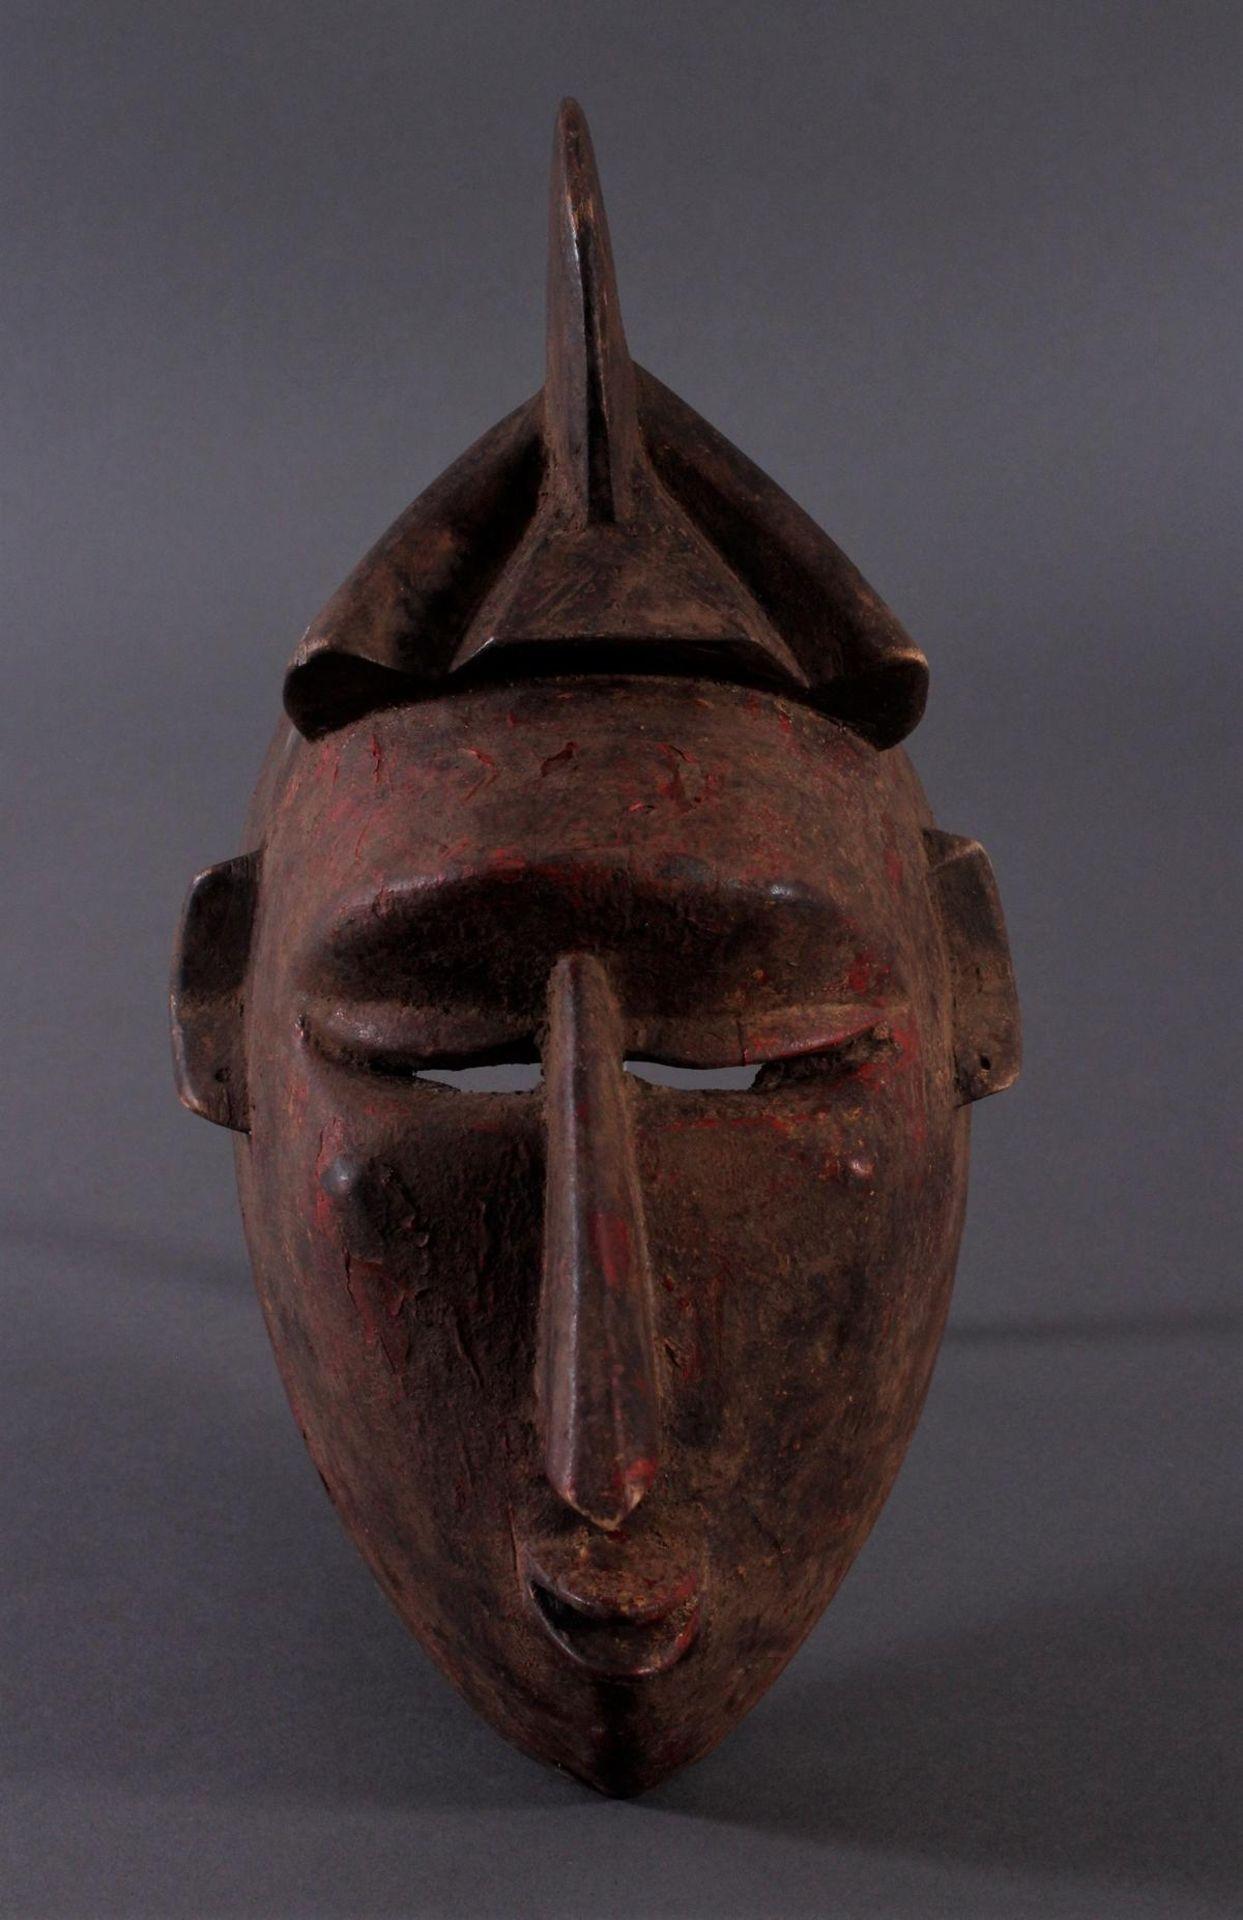 Antike Maske, Baule, Elfenbeinküste 1. Hälfte 20. Jh.Holz geschnitzt,dunkle Patina, Reste von